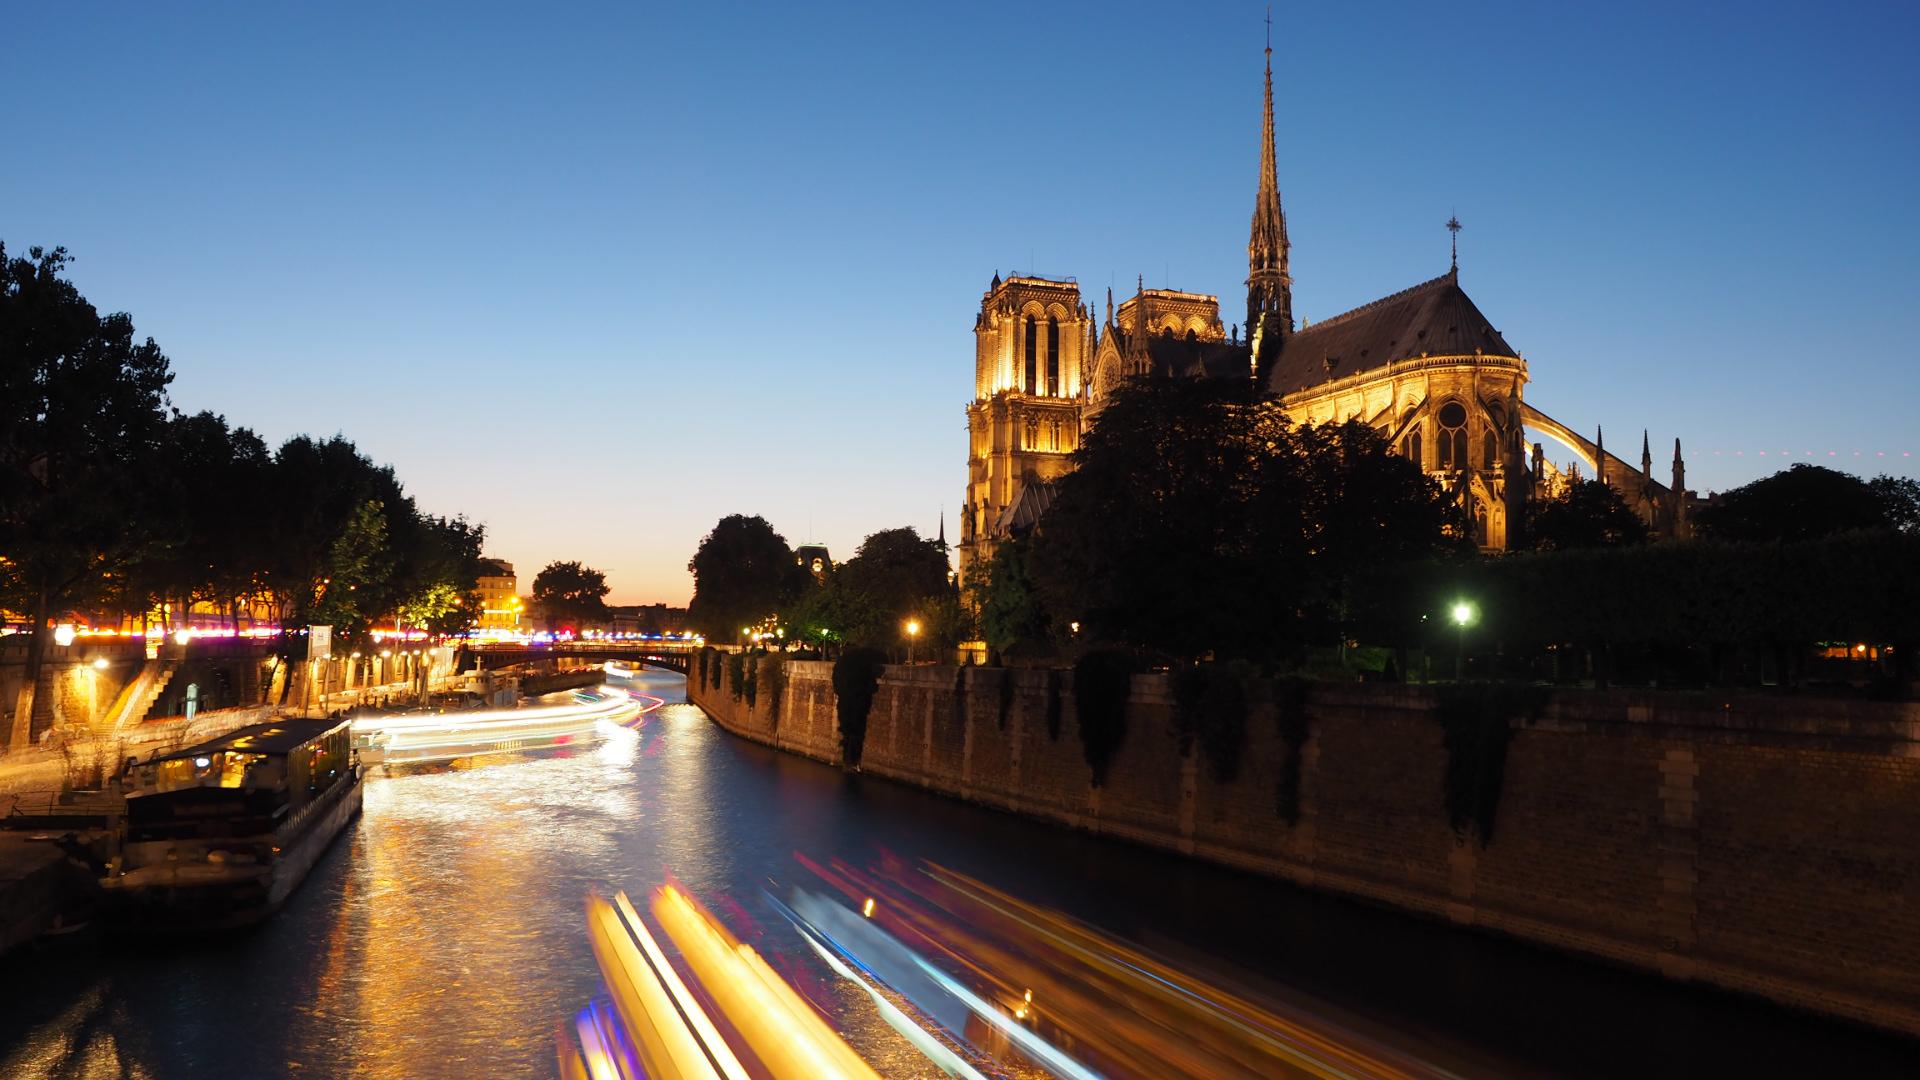 Le Fooding Akımı ve Fransa'nın 7 Le Fooding Restoranı